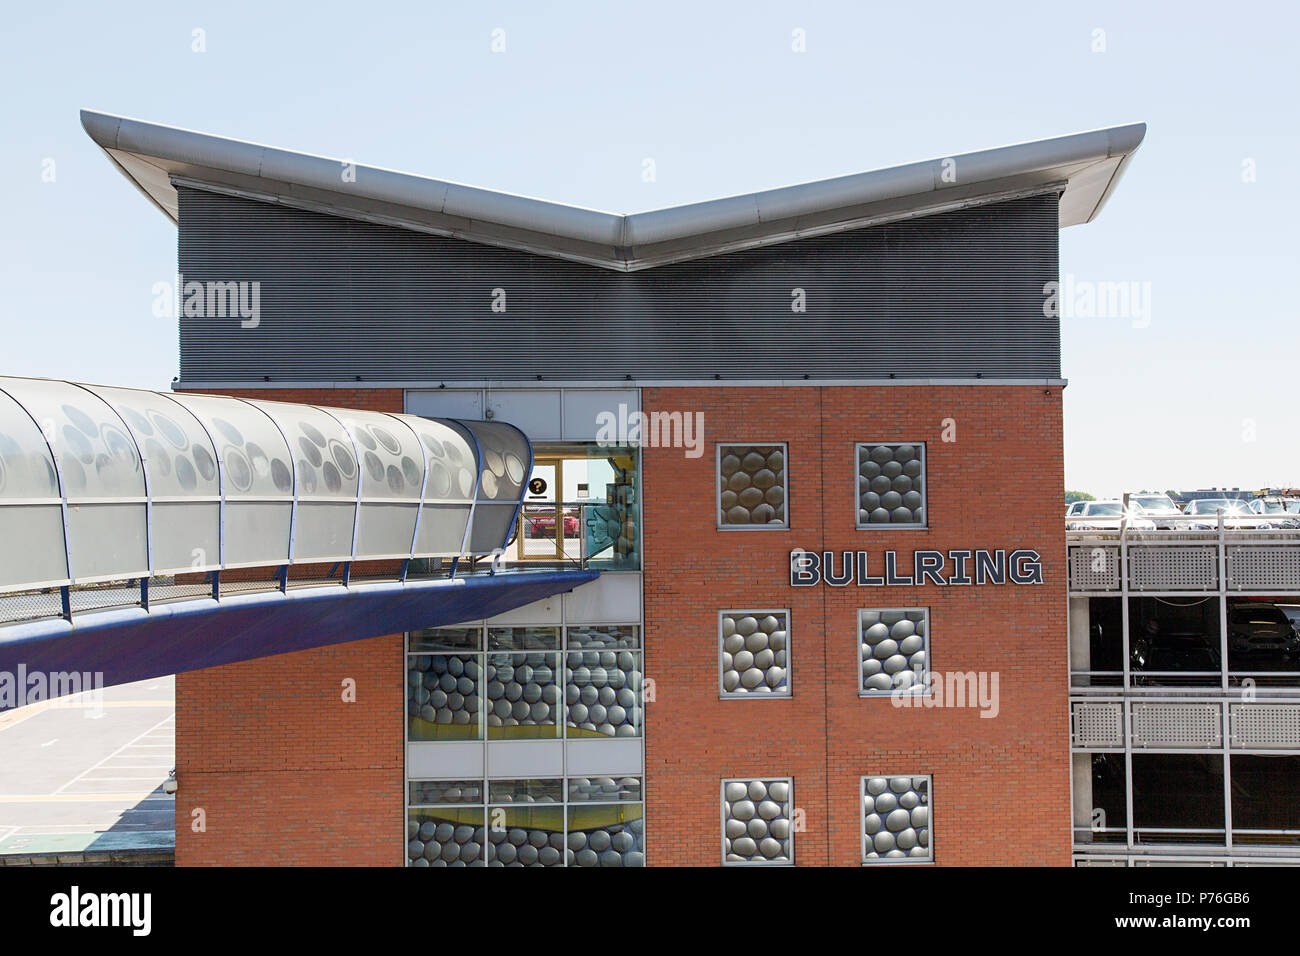 Birmingham, Vereinigtes Königreich: 29. Juni 2018: Selfridges Moor Street Car Park. Ein bequem gelegenes Parkhaus gegenüber des legendären Selfridges Gebäude. Stockbild